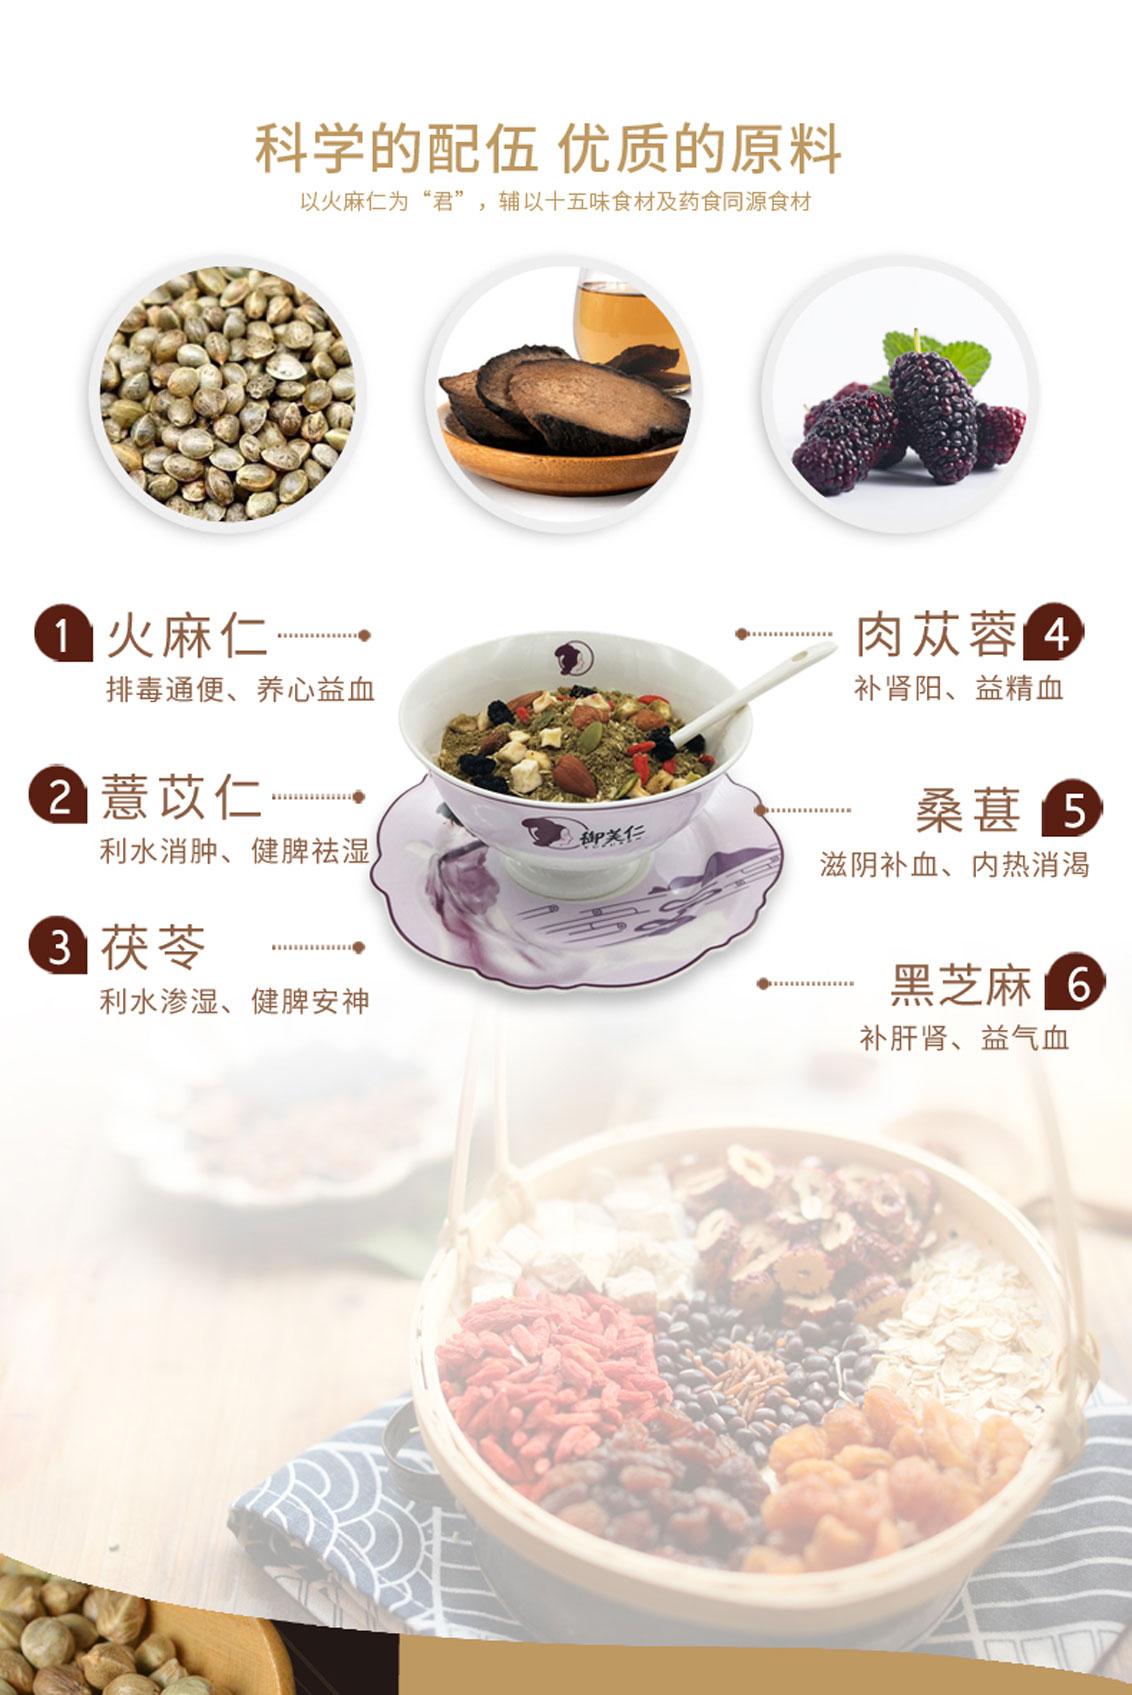 火麻黑谷素食餐礼盒装-详情页-W_02